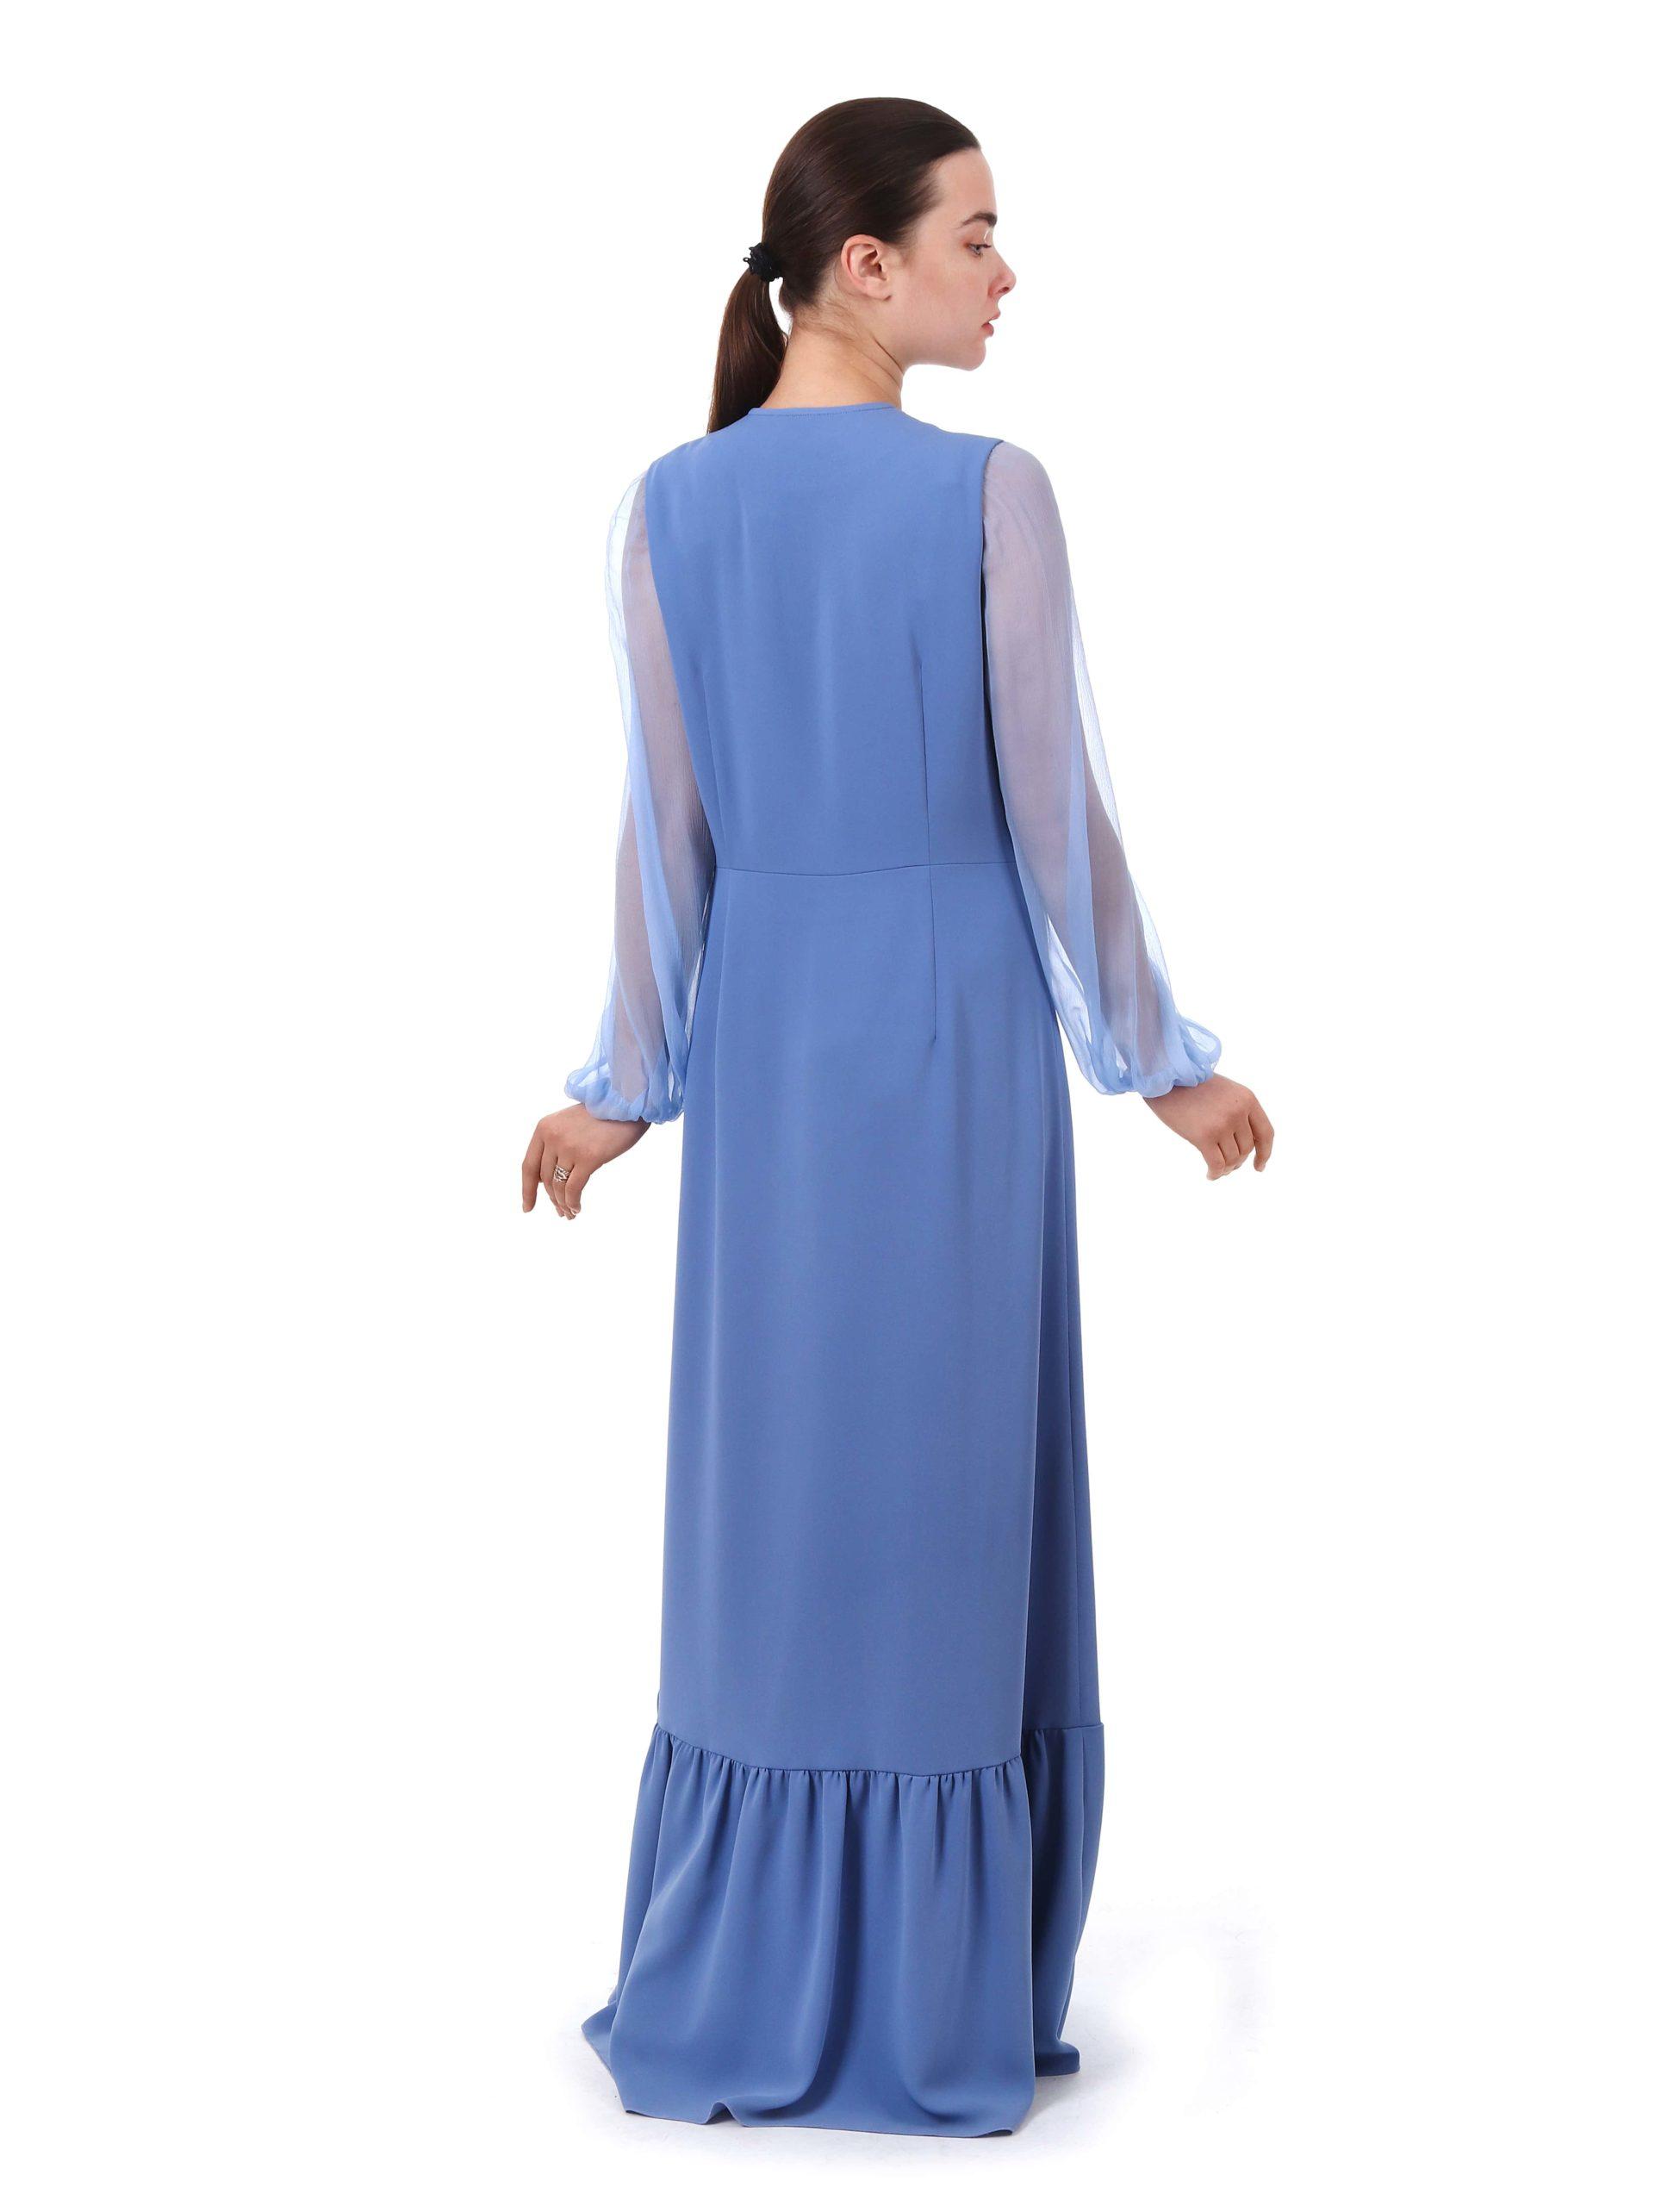 Сукня з вишивкою «Сарматський міф» (блакитна)